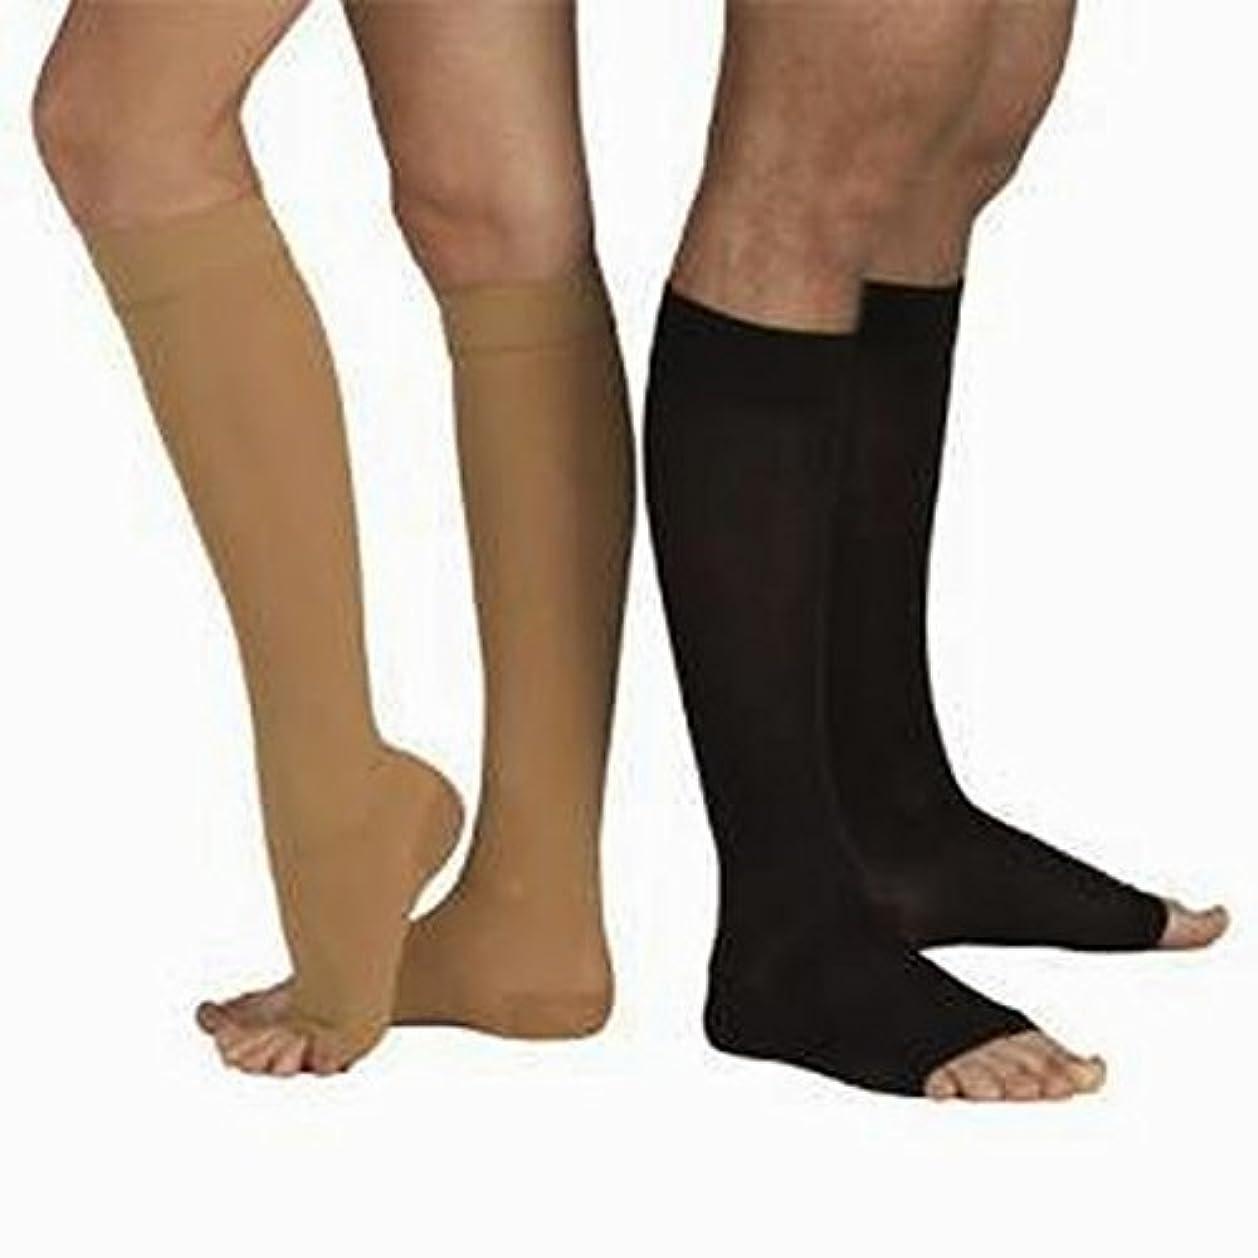 分夫婦ゴミTonus 18-21 mmHg (Moderate Grade Class I) Knee High Medical Compression Stockings with OPEN Toe, MODERATE Grade...